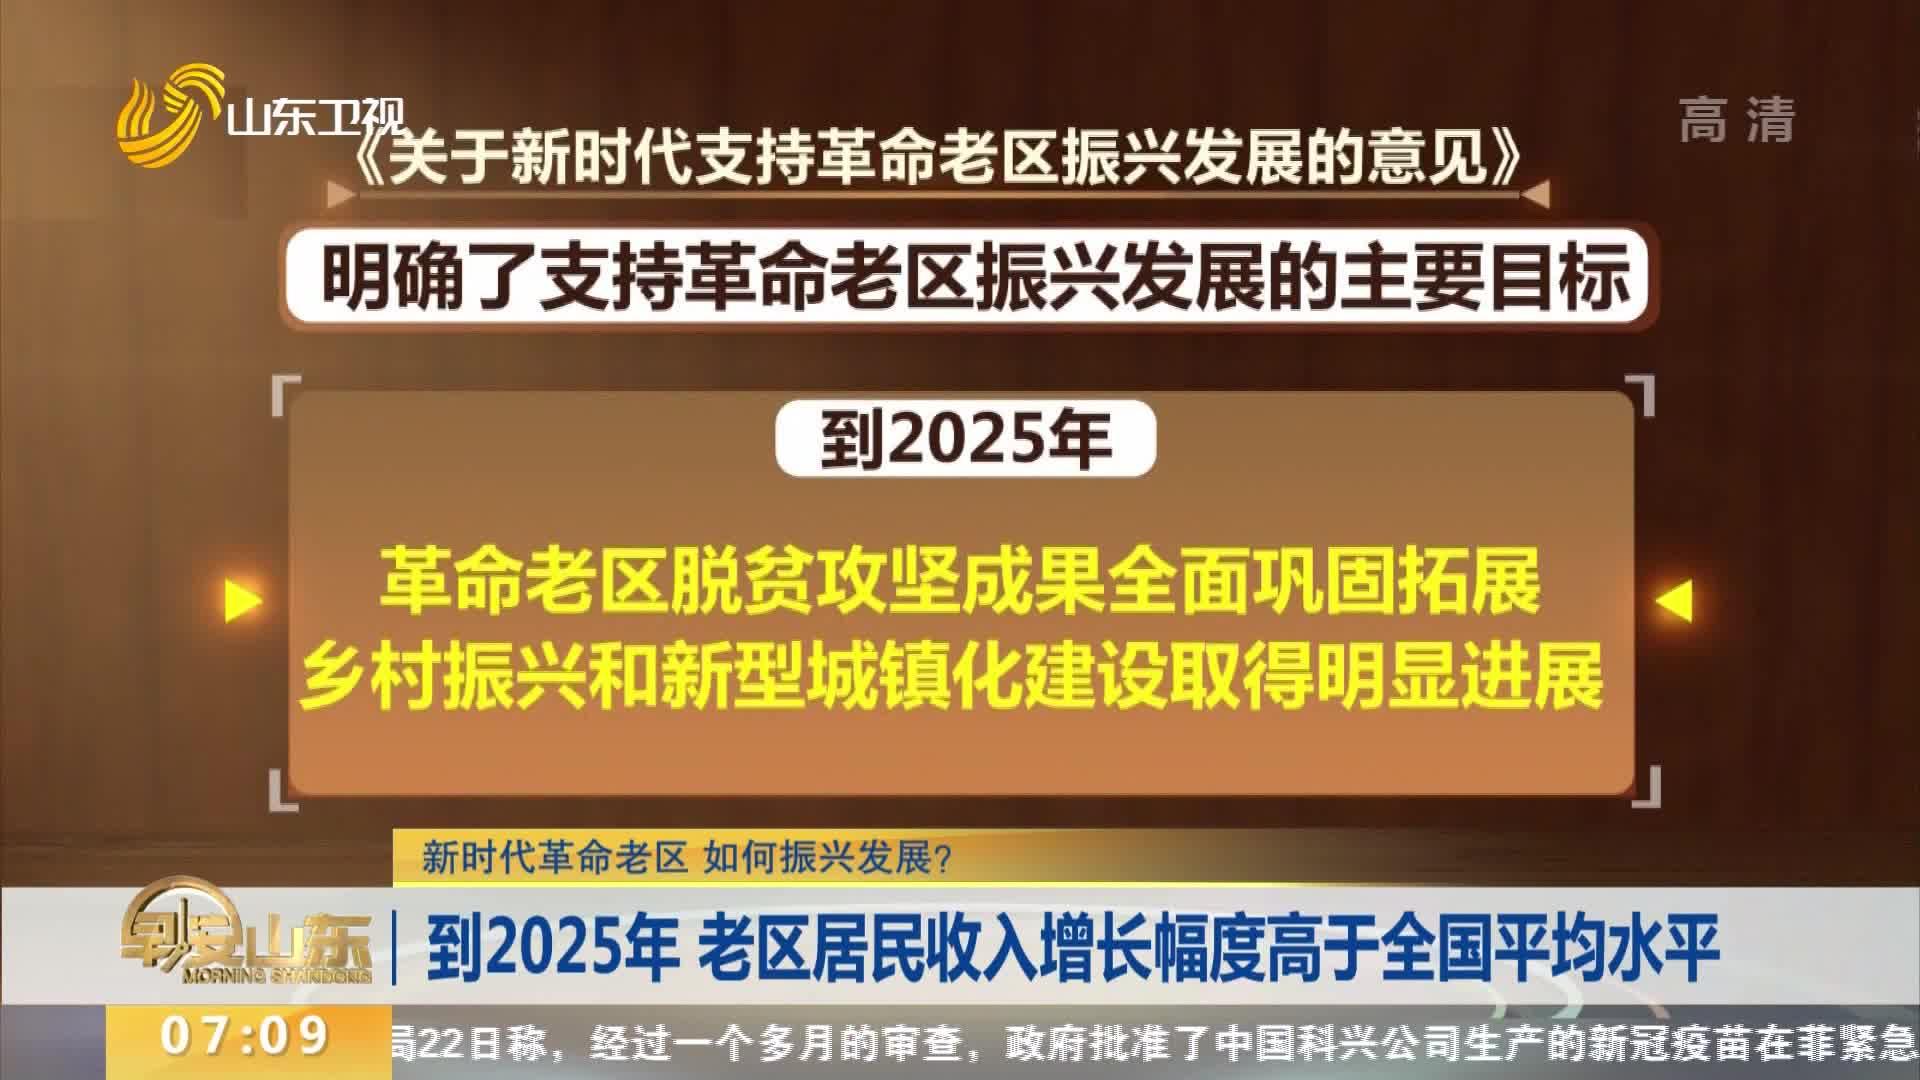 【新时代革命老区 如何振兴发展?】到2025年 老区居民收入增长幅度高于全国平均水平